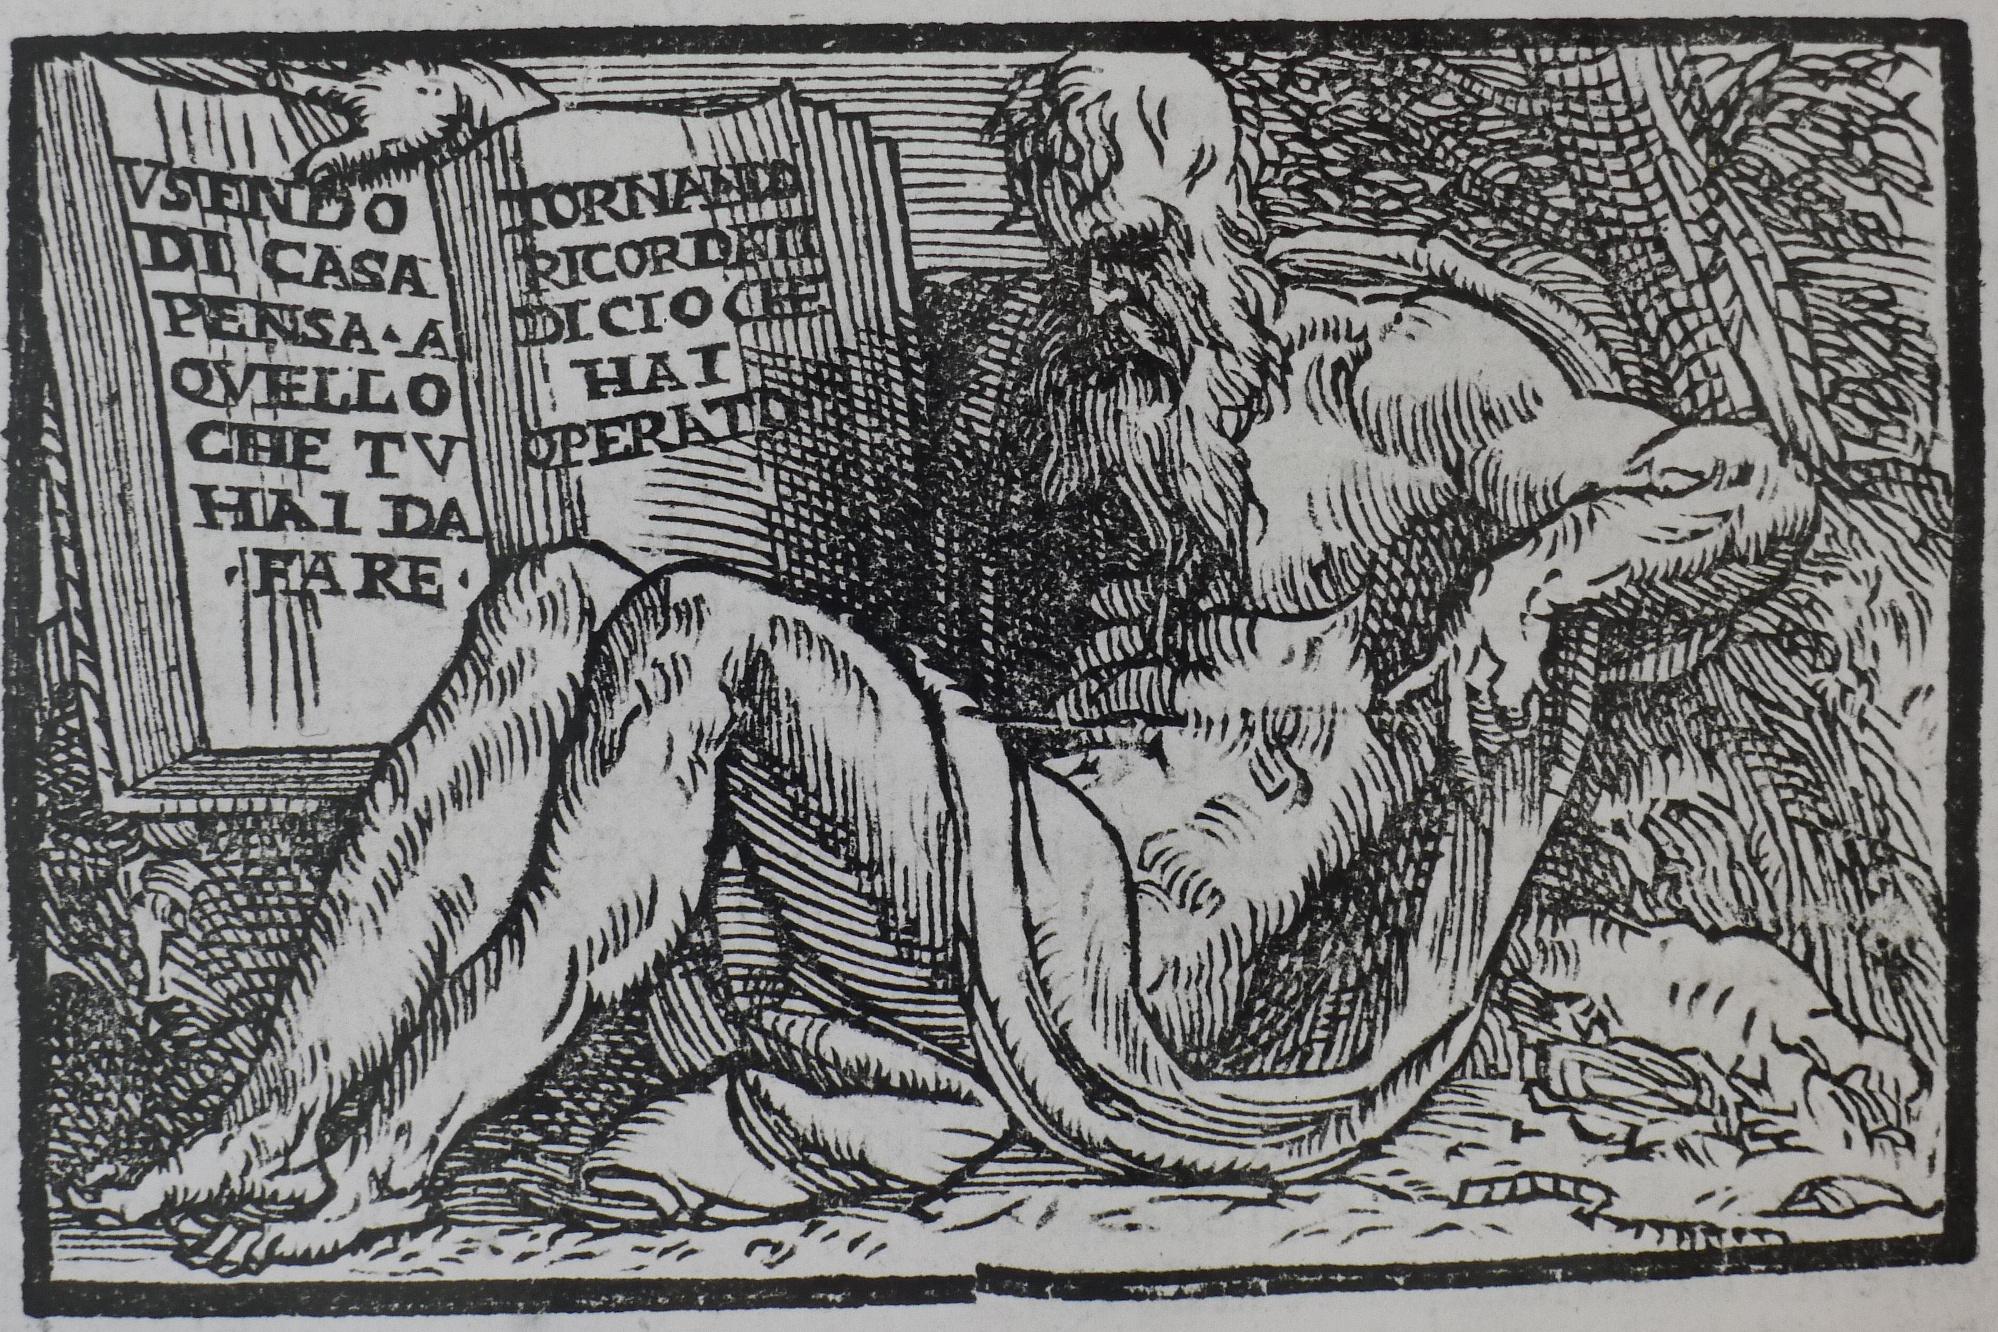 Plutarch from P. Messia, Selva Rinovata p. 13 (Venice 1616)